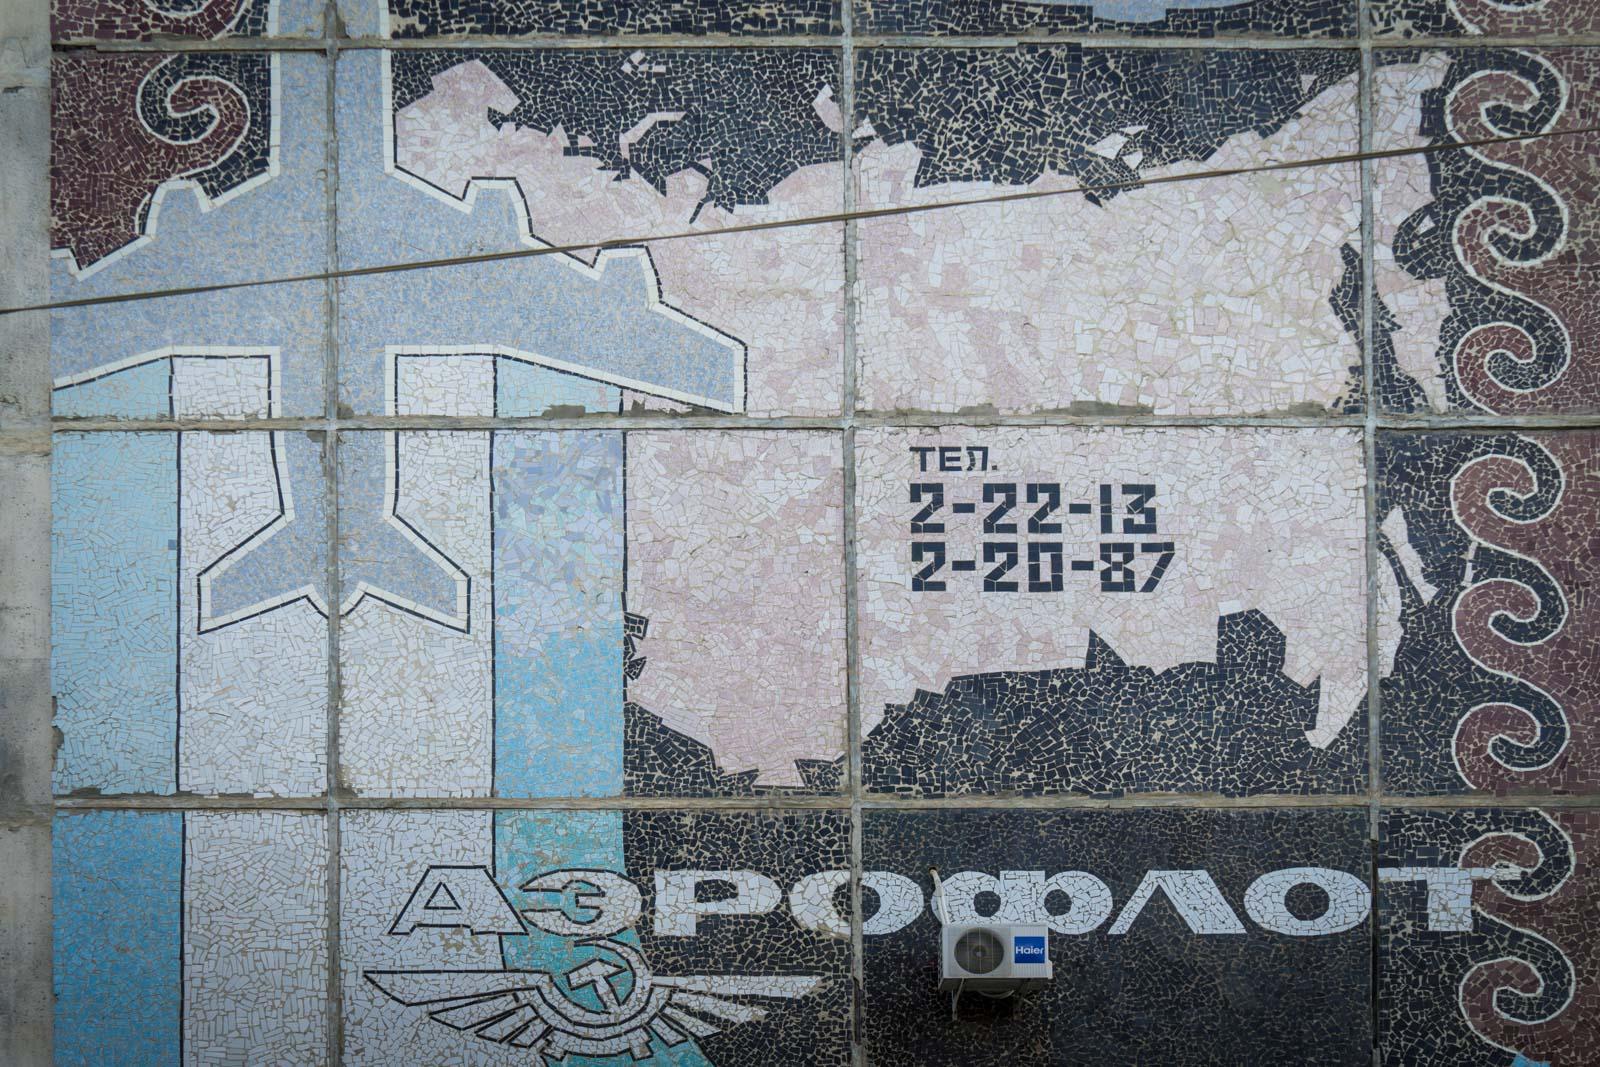 Street art in Osh, Kyrgyzstan